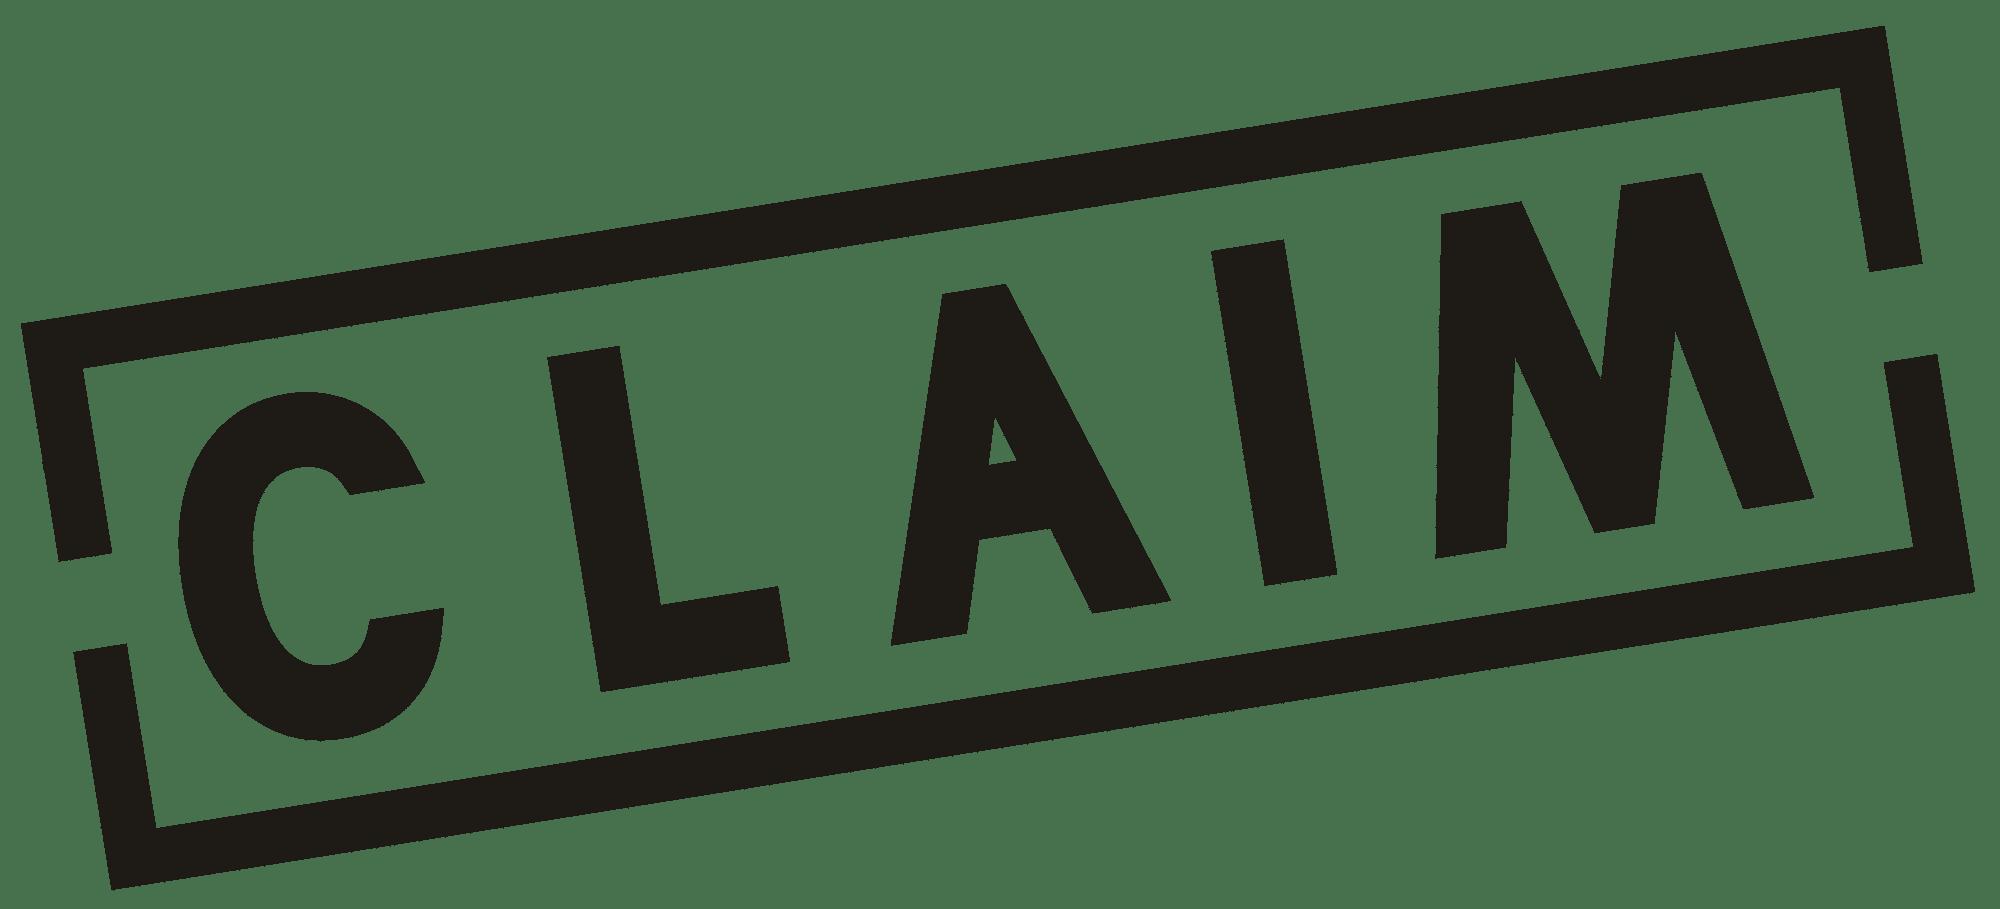 2000px-Claim_logo